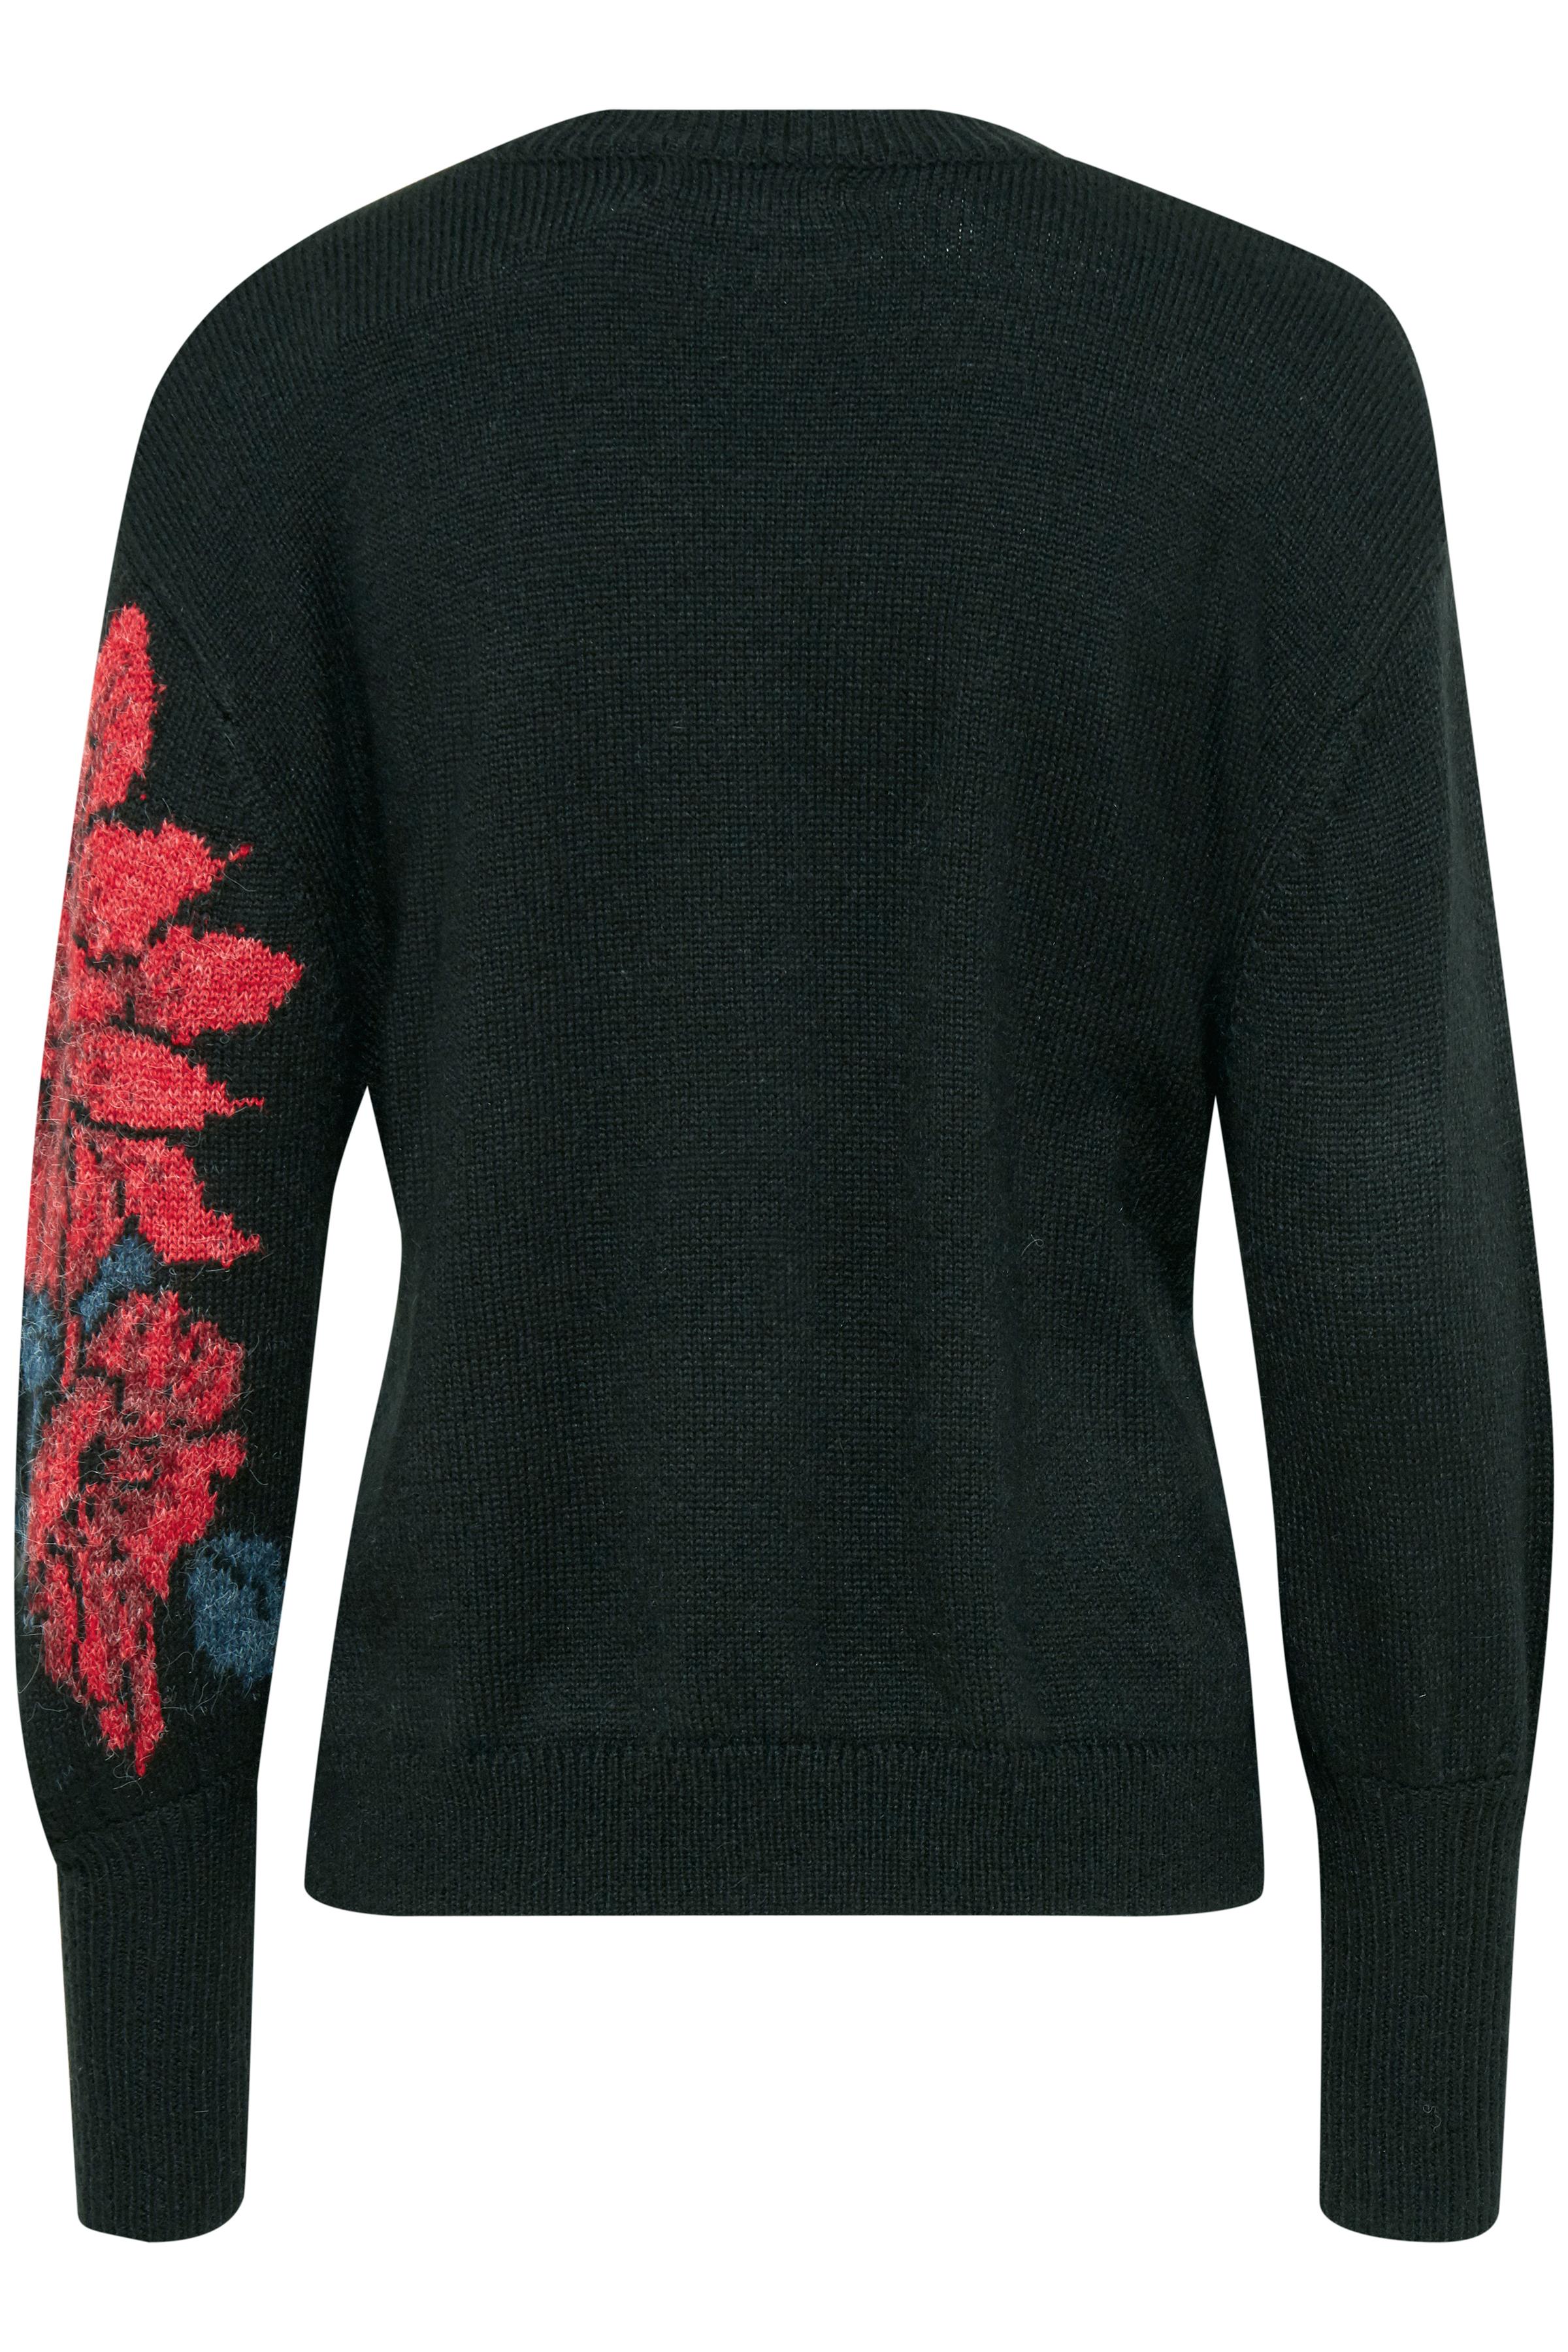 Black combi Strikket pullover fra b.young - Kjøp Black combi Strikket pullover fra størrelse XS-XXL her